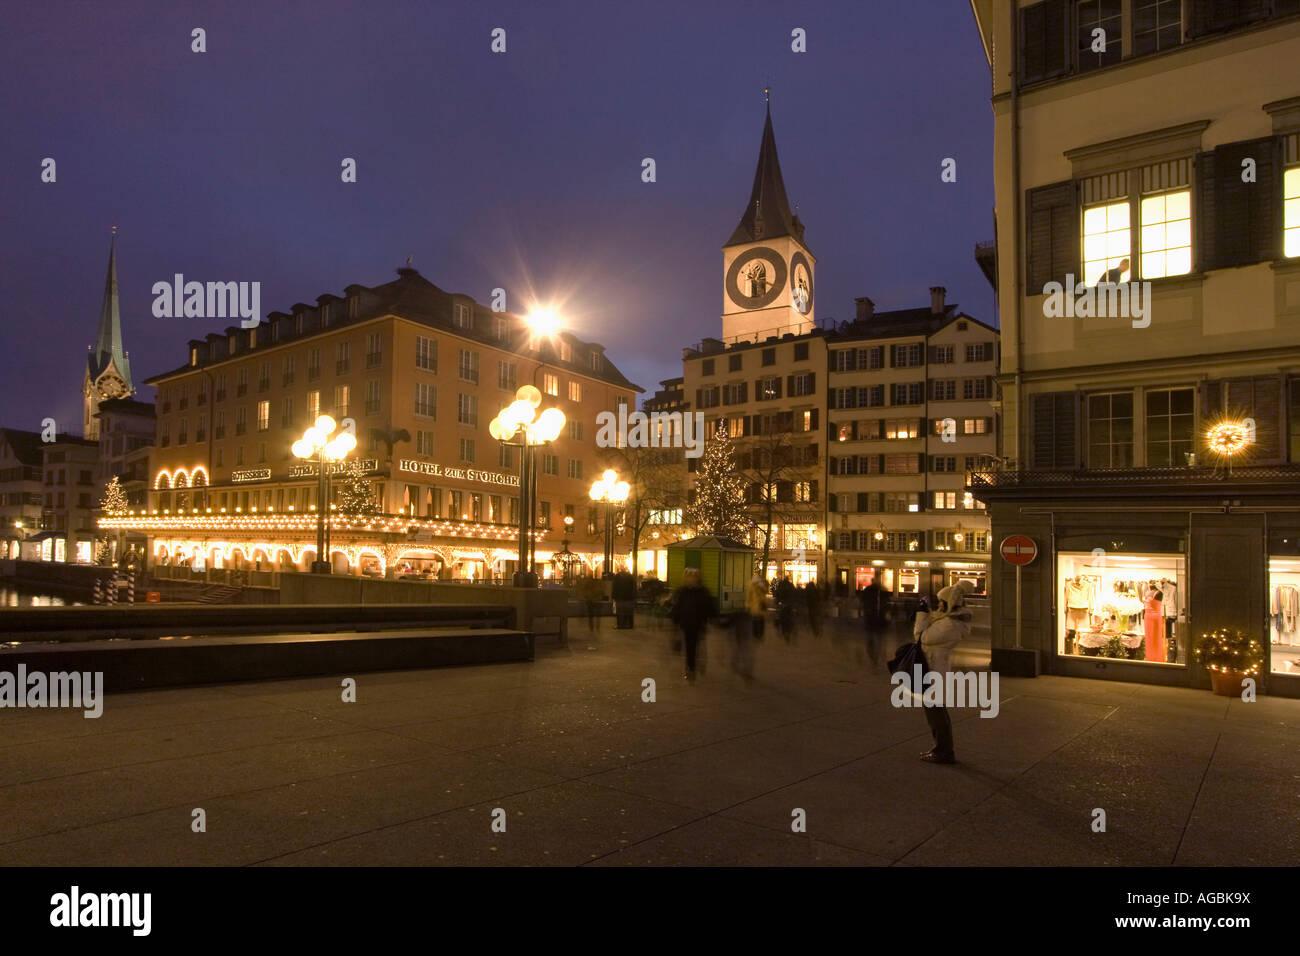 Switzerland Zuerich Hotel Storchen Munster bridge - Stock Image